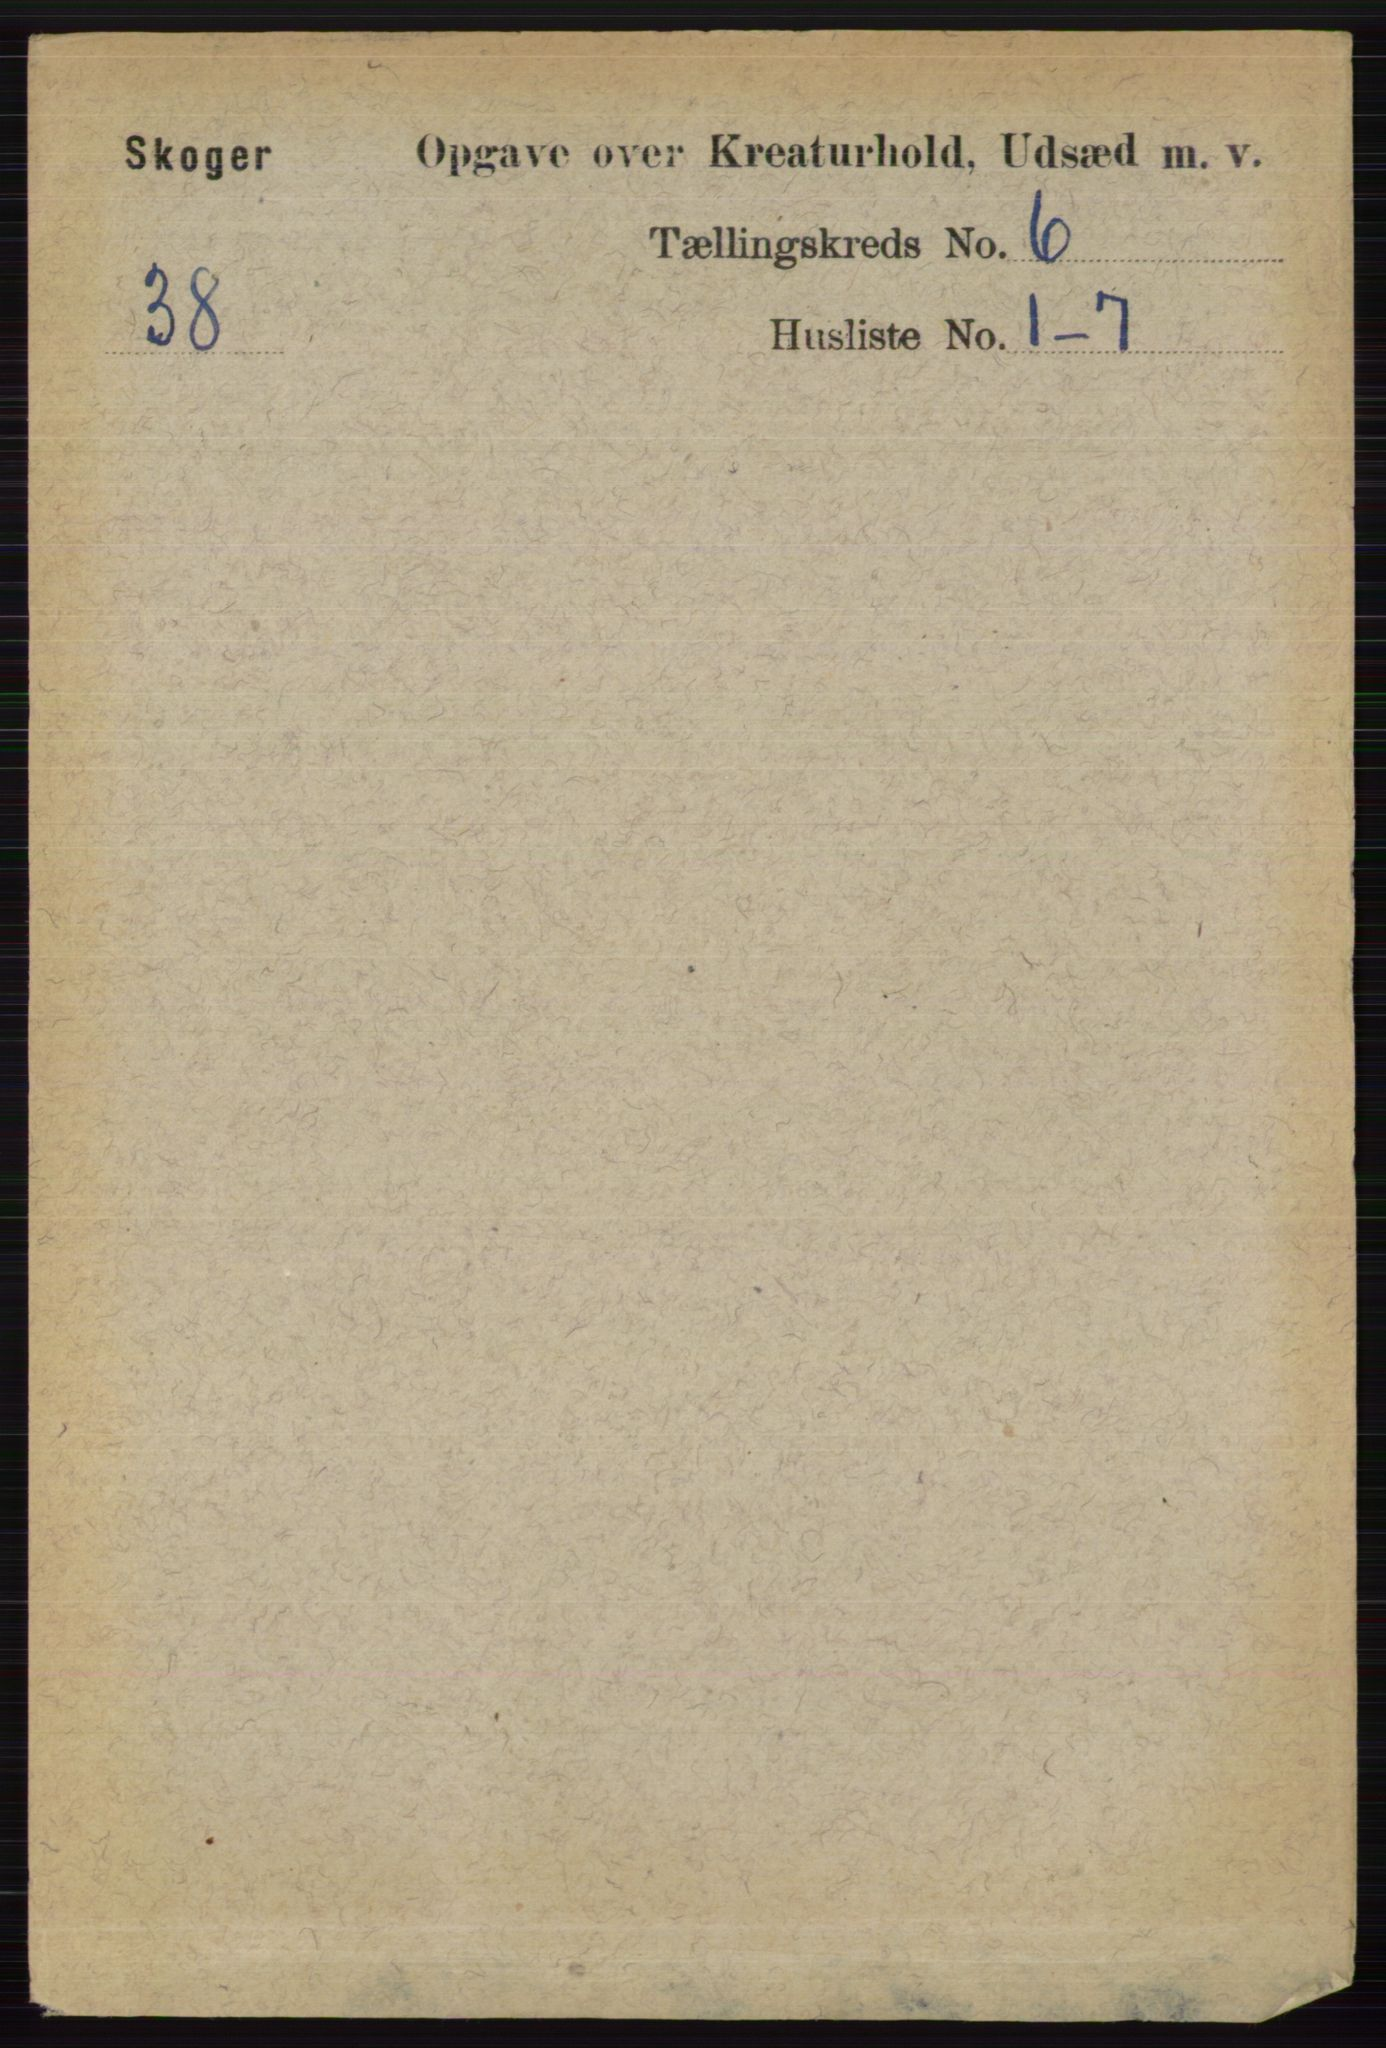 RA, Folketelling 1891 for 0712 Skoger herred, 1891, s. 5187